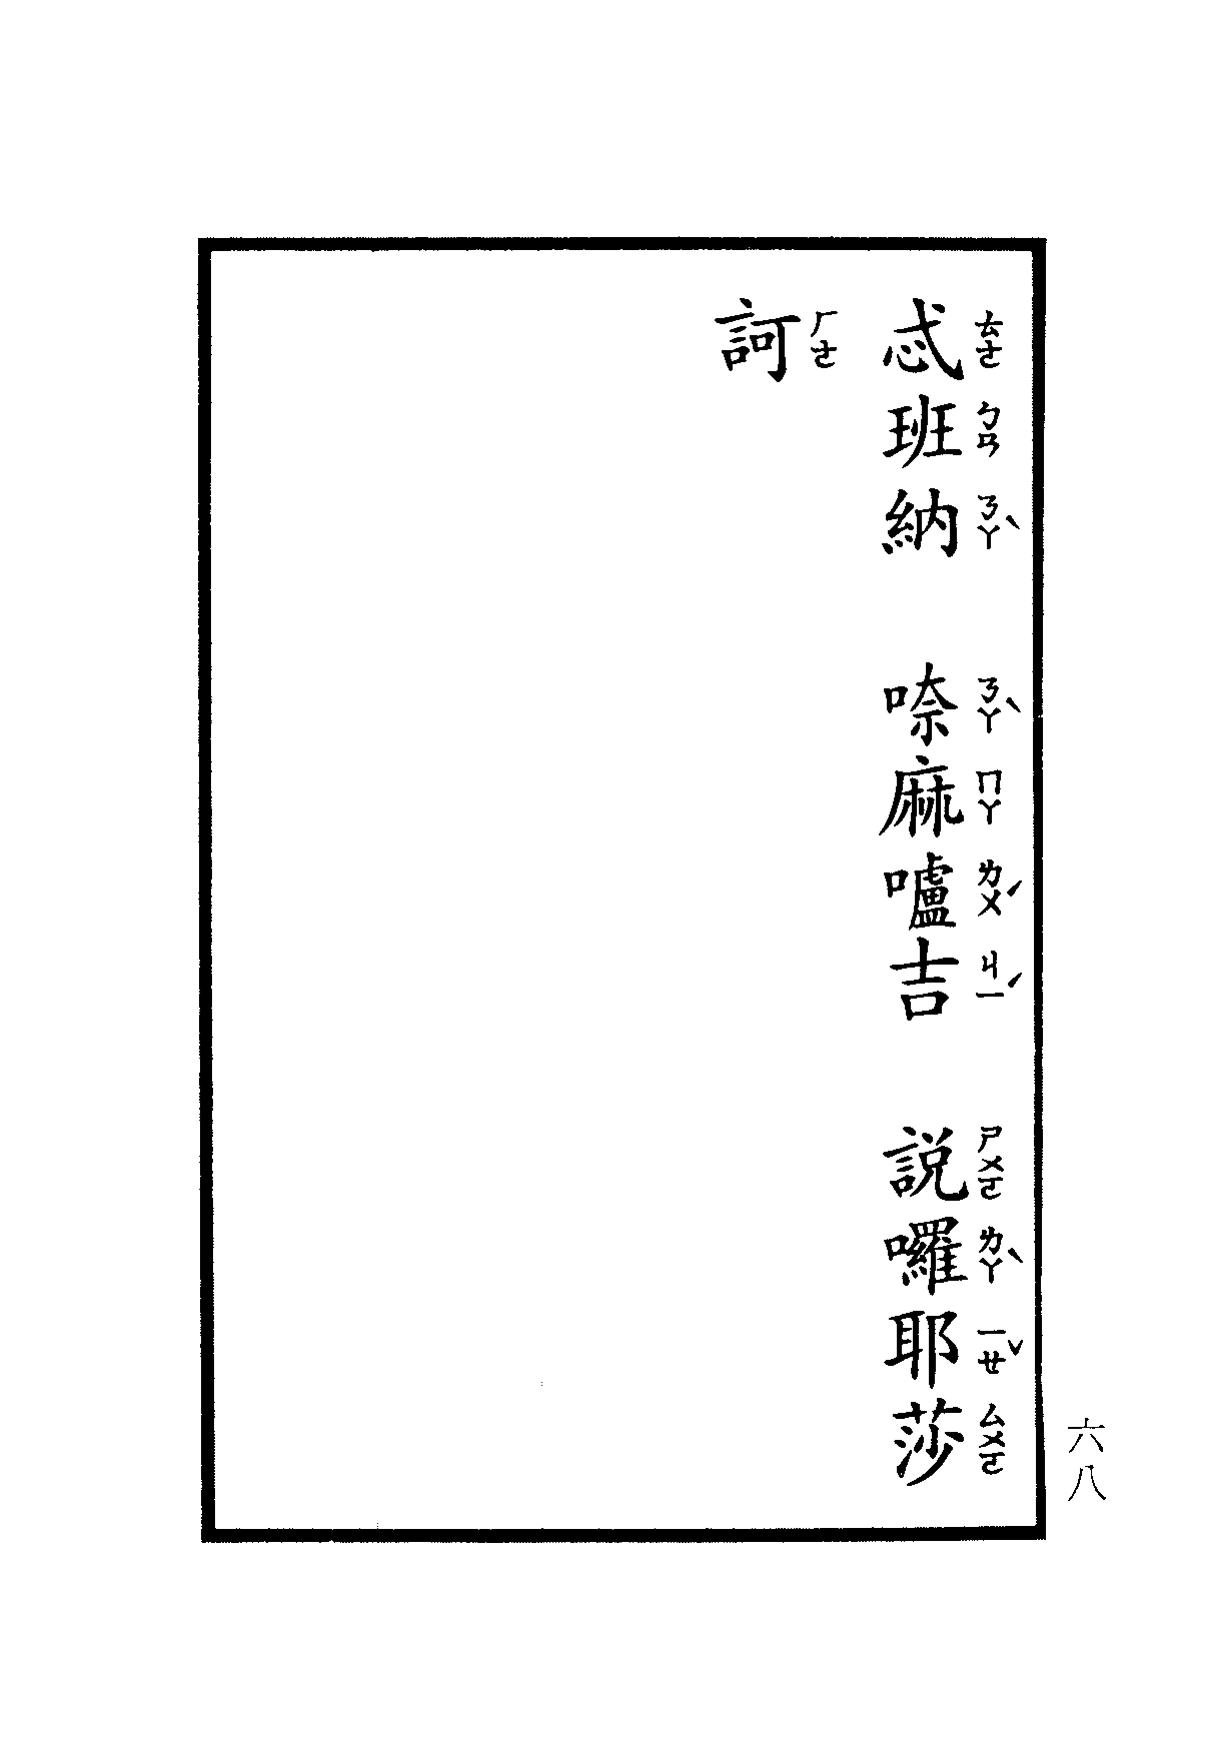 楞嚴咒-大悲咒-十小咒-易背本 74.png